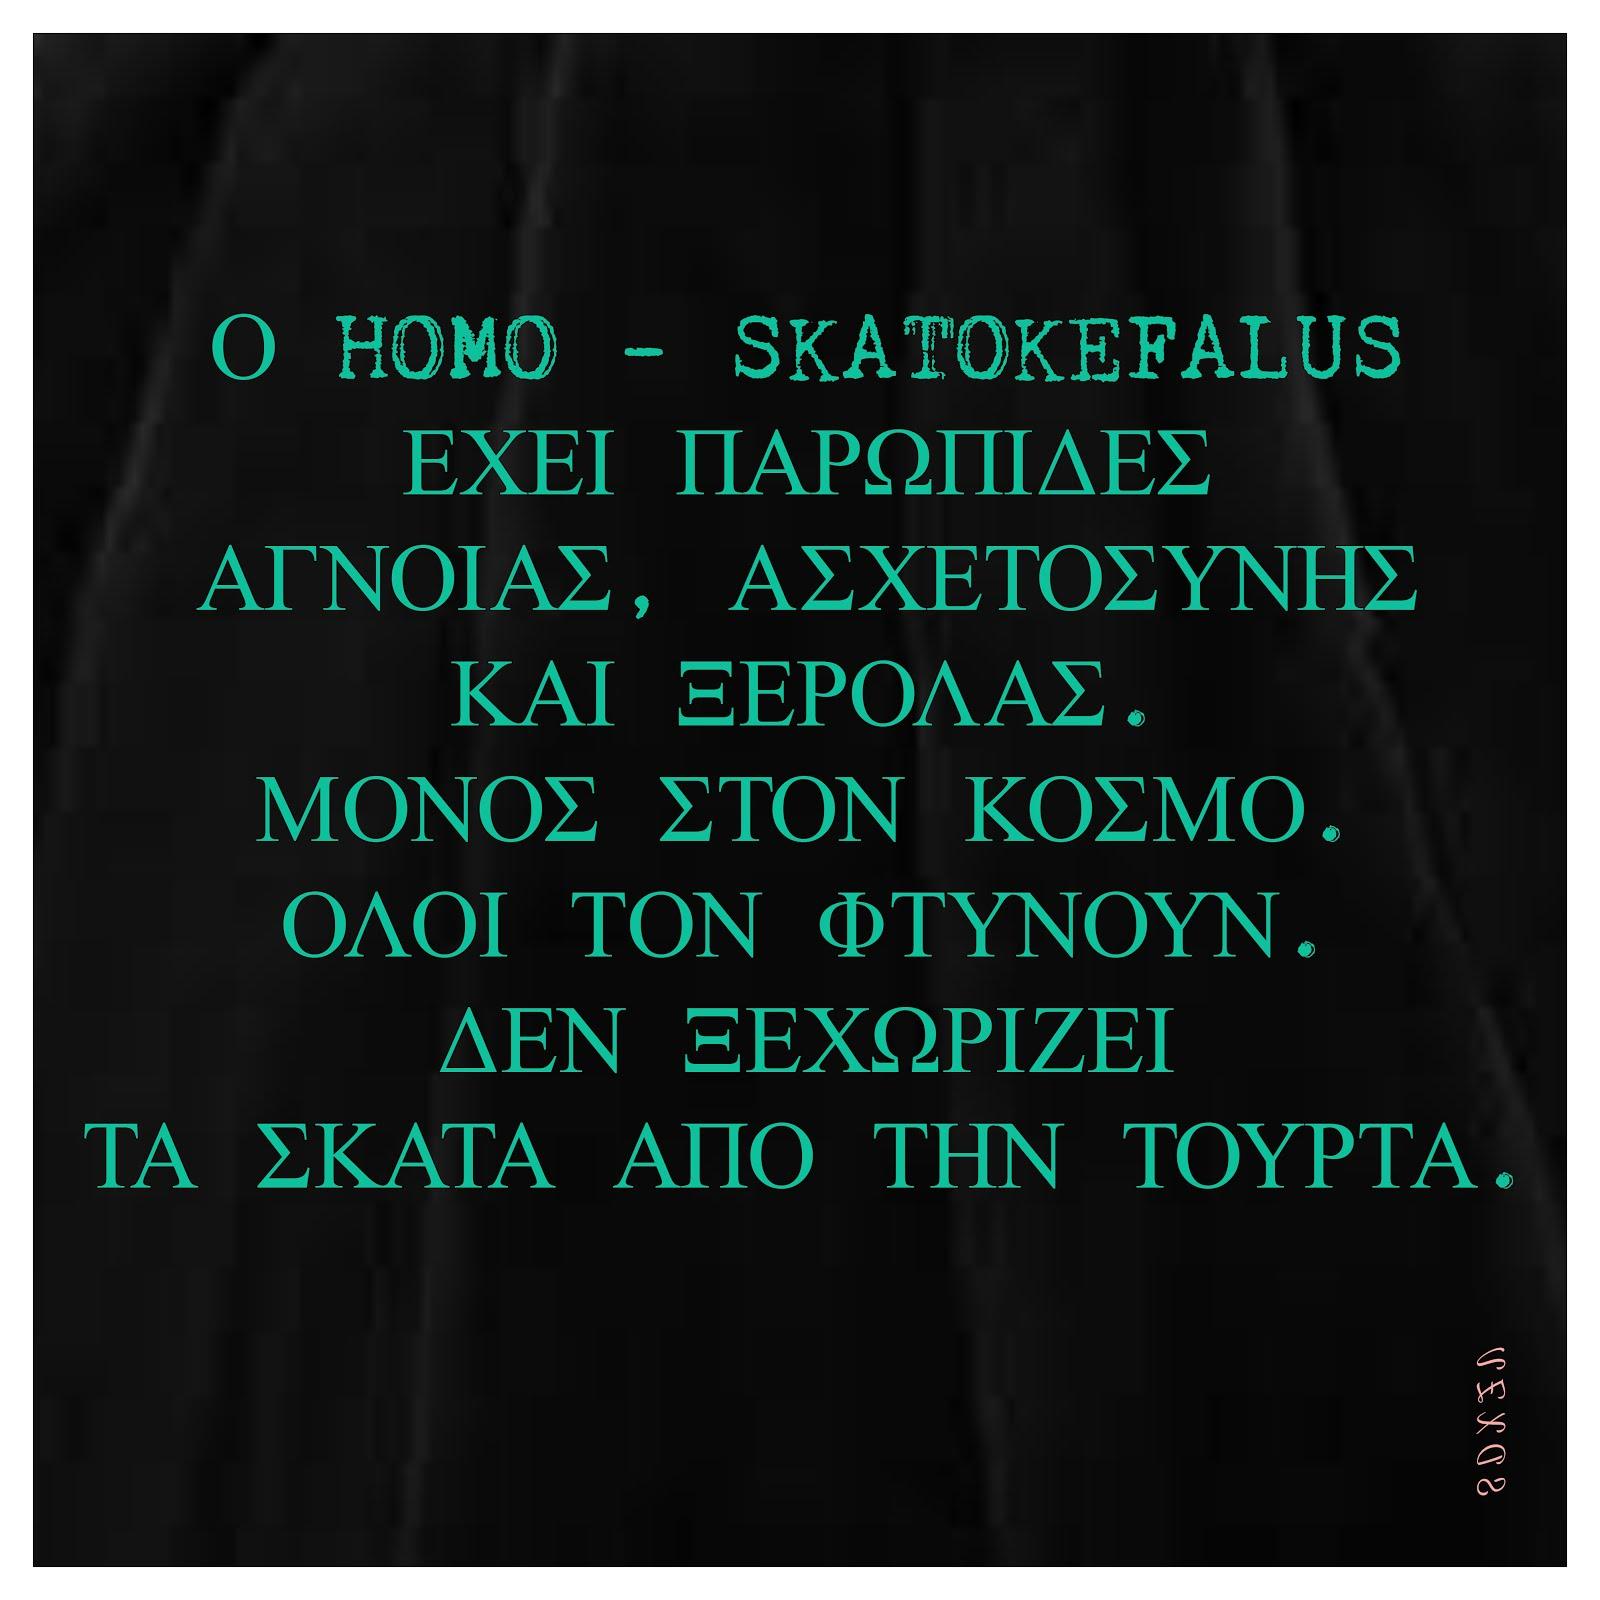 HOMO-SCATOKEFALOS